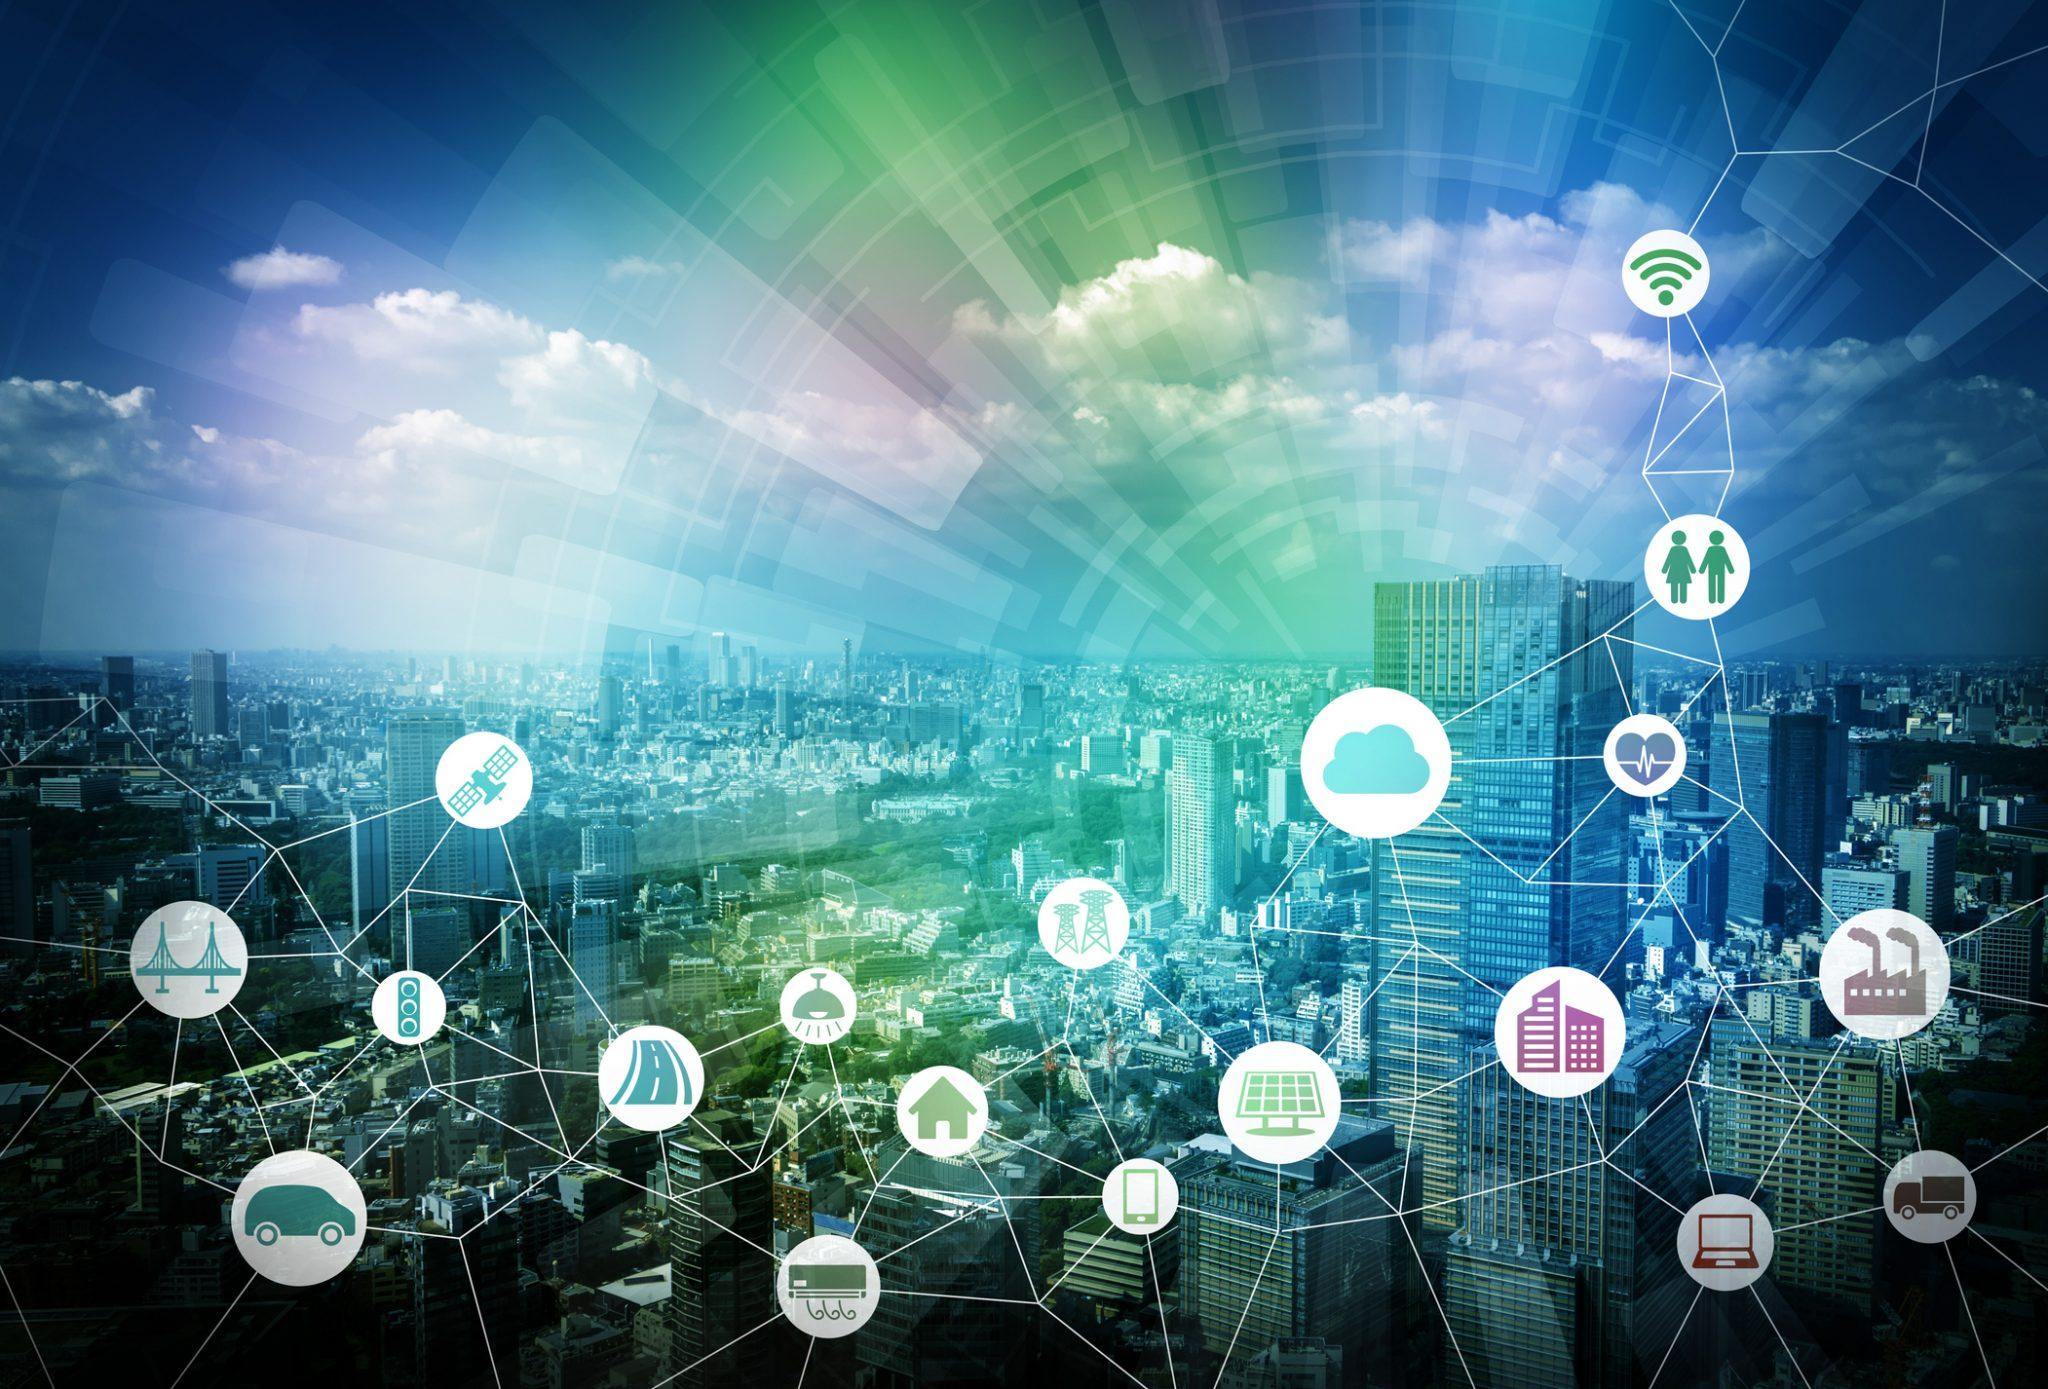 区块链、物联网和 5G 之间将如何融合发展